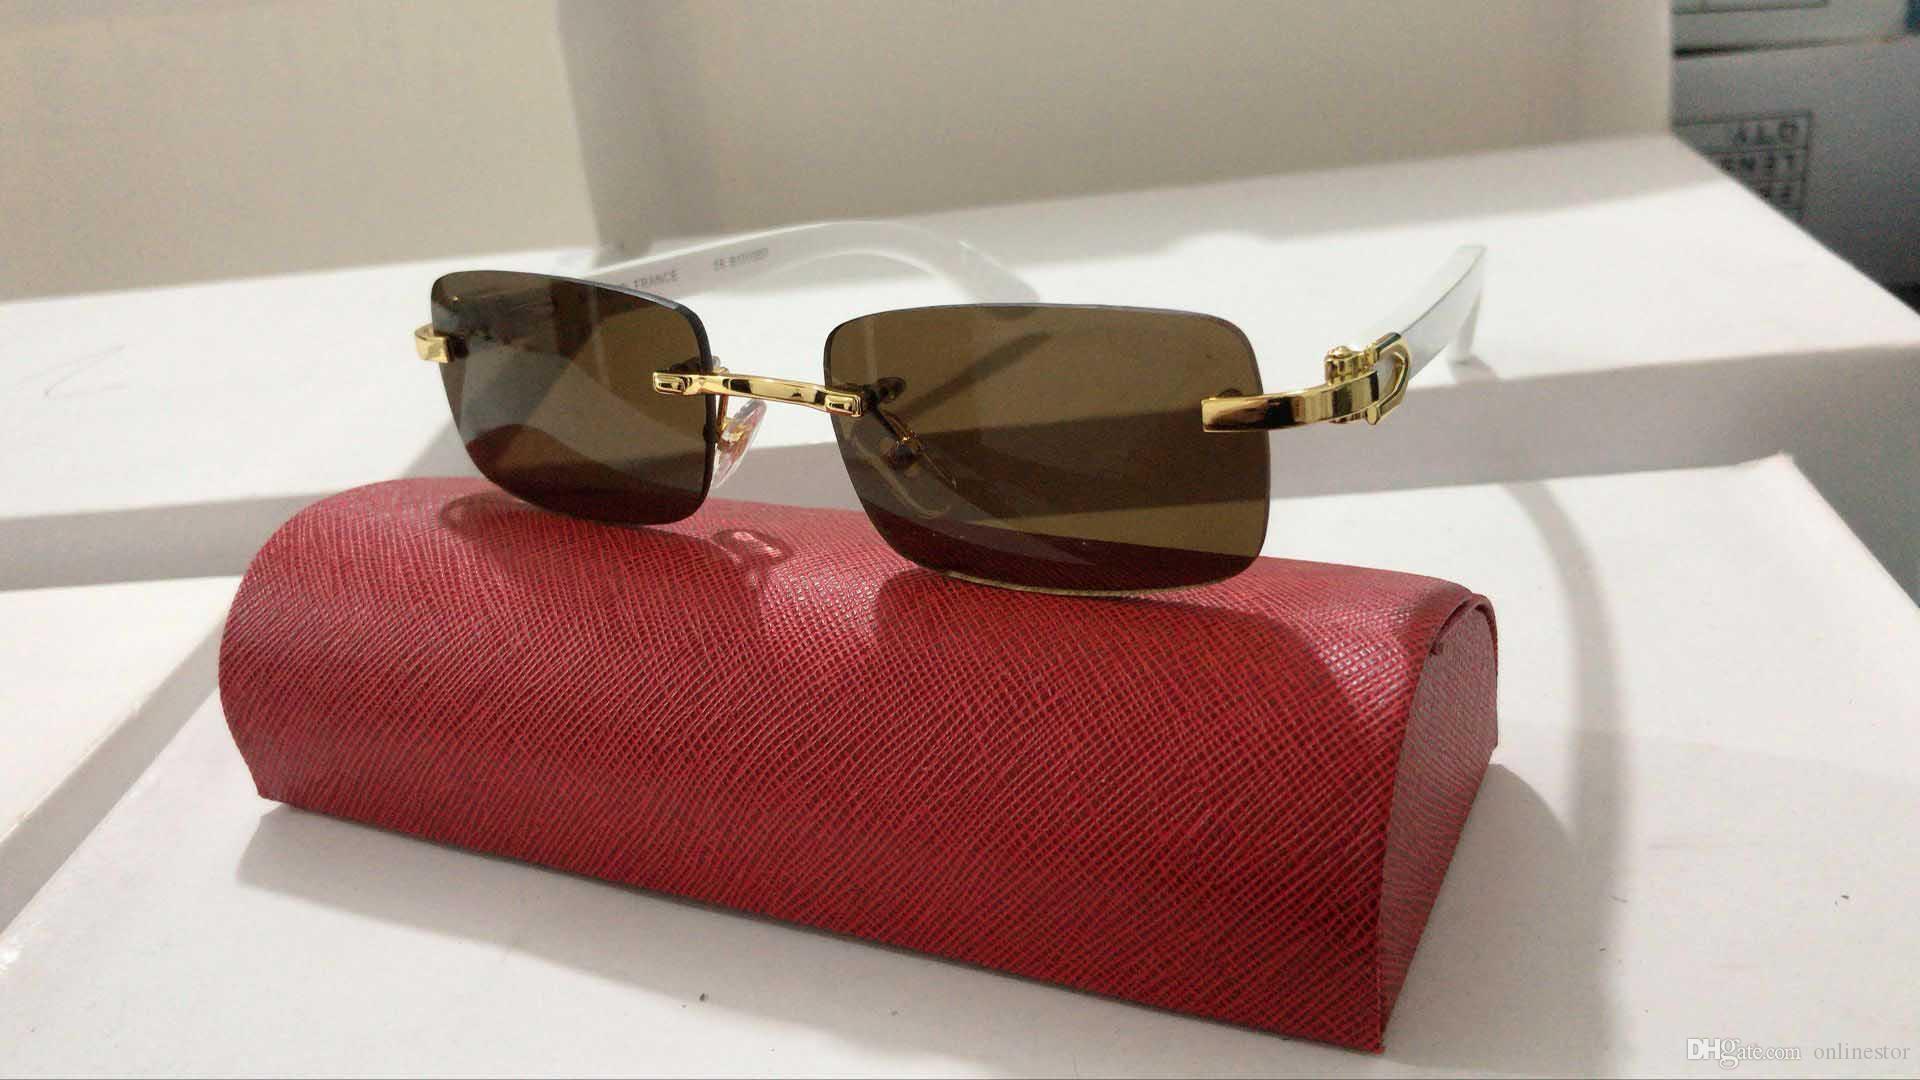 Yeni Moda Erkekler Spor Güneş Çerçeve Gözlük Rimless Altın Metal Buffalo Horn Gözlük Temizle Lensler Ahşap Bacak occhiali lentes Lunette